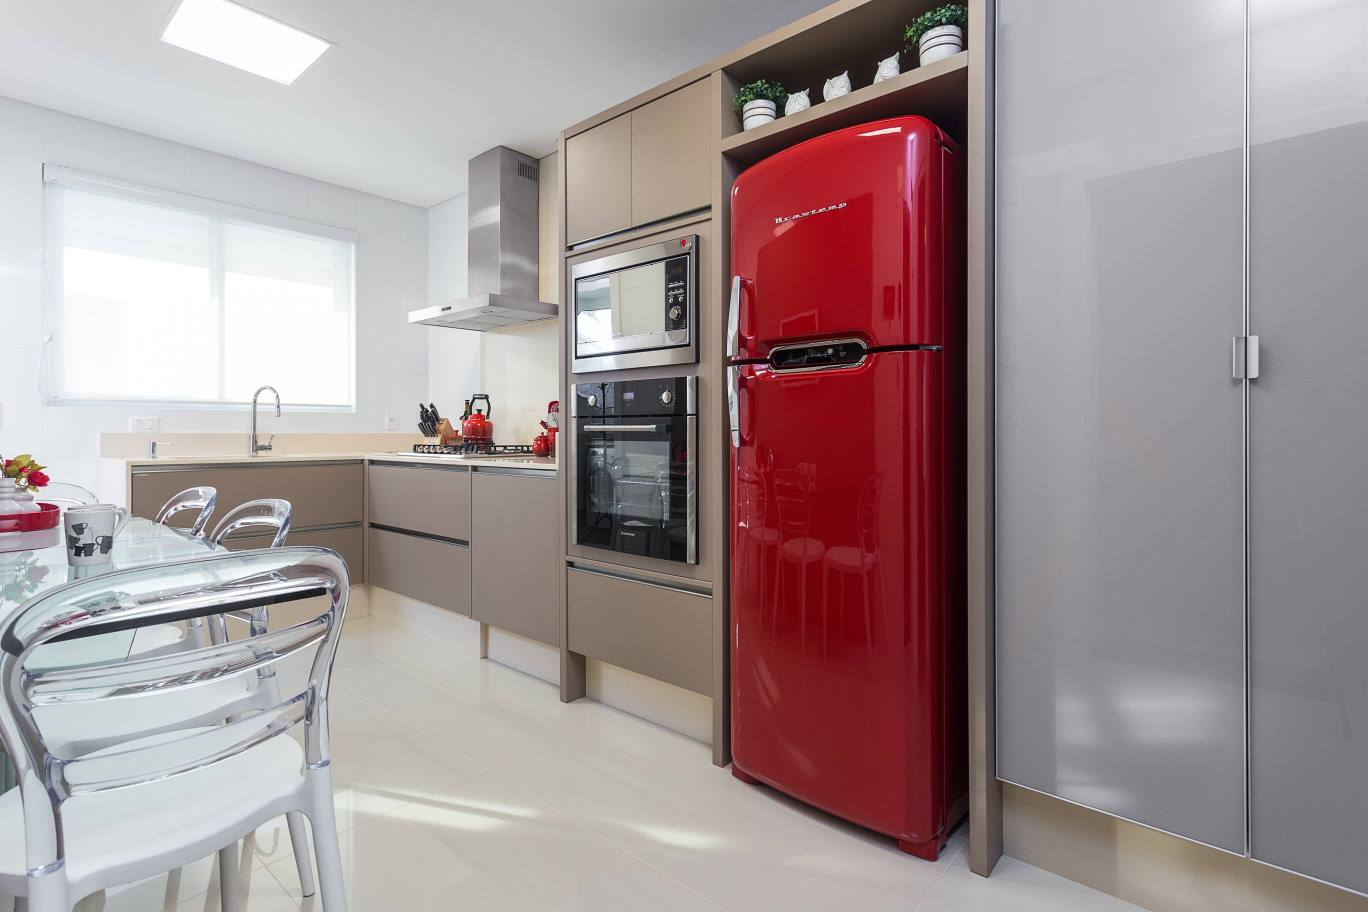 #7E1820  Super tendência! Decor Salteado Blog de Decoração e Arquitetura 1368x912 px Projetos De Cozinhas Brastemp #439 imagens